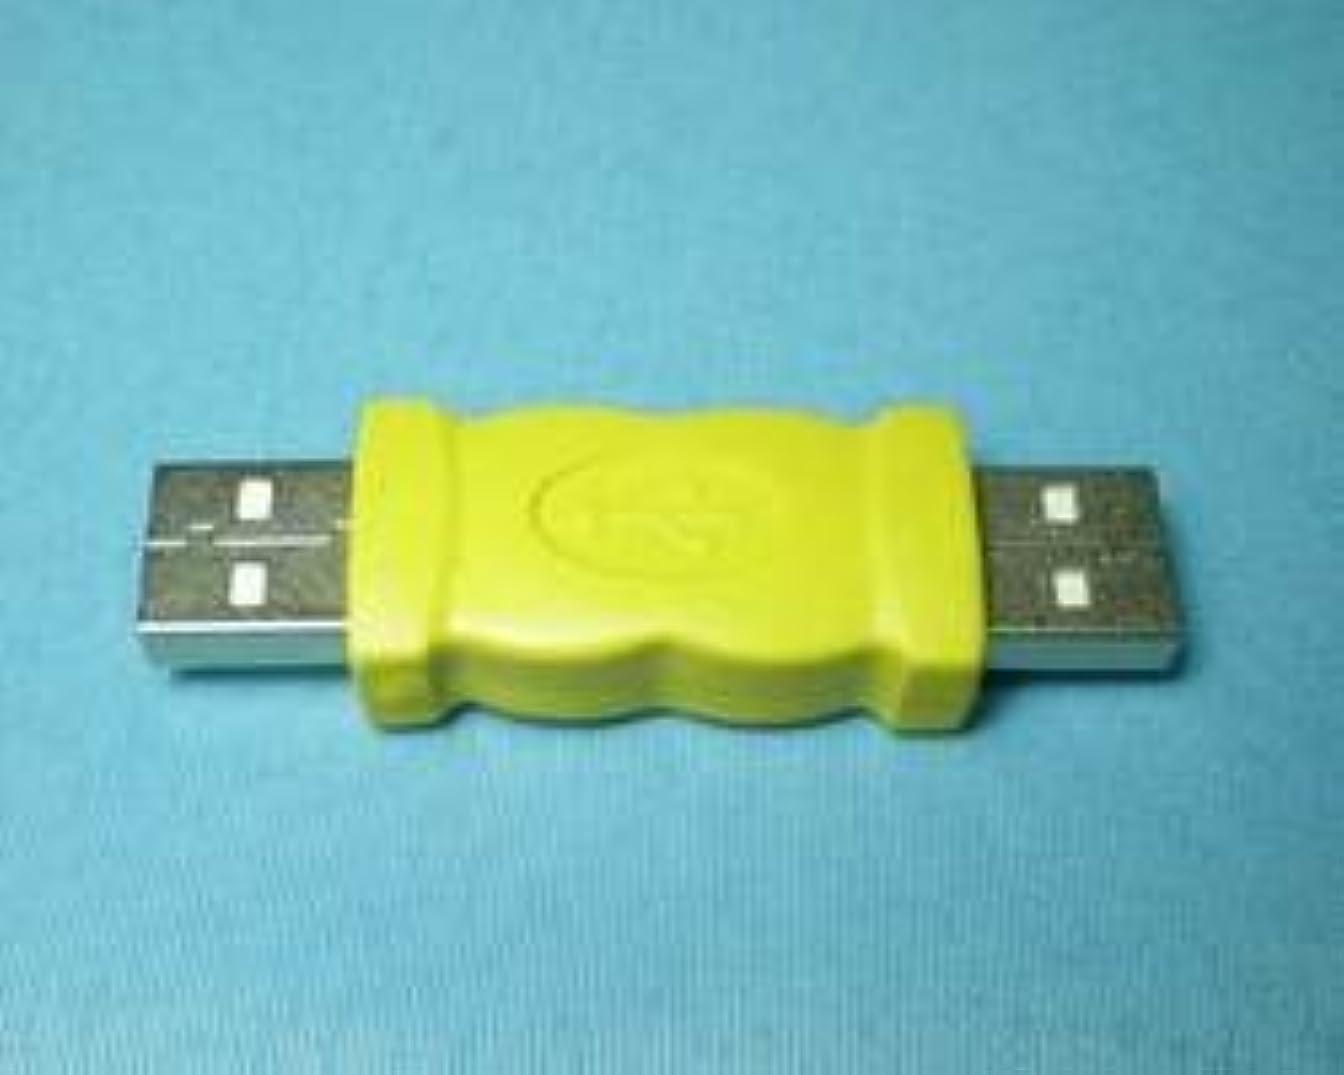 気づくプロトタイプクラッチ「214」USB-Aタイプ オスからオス 延長変換コネクター-526144